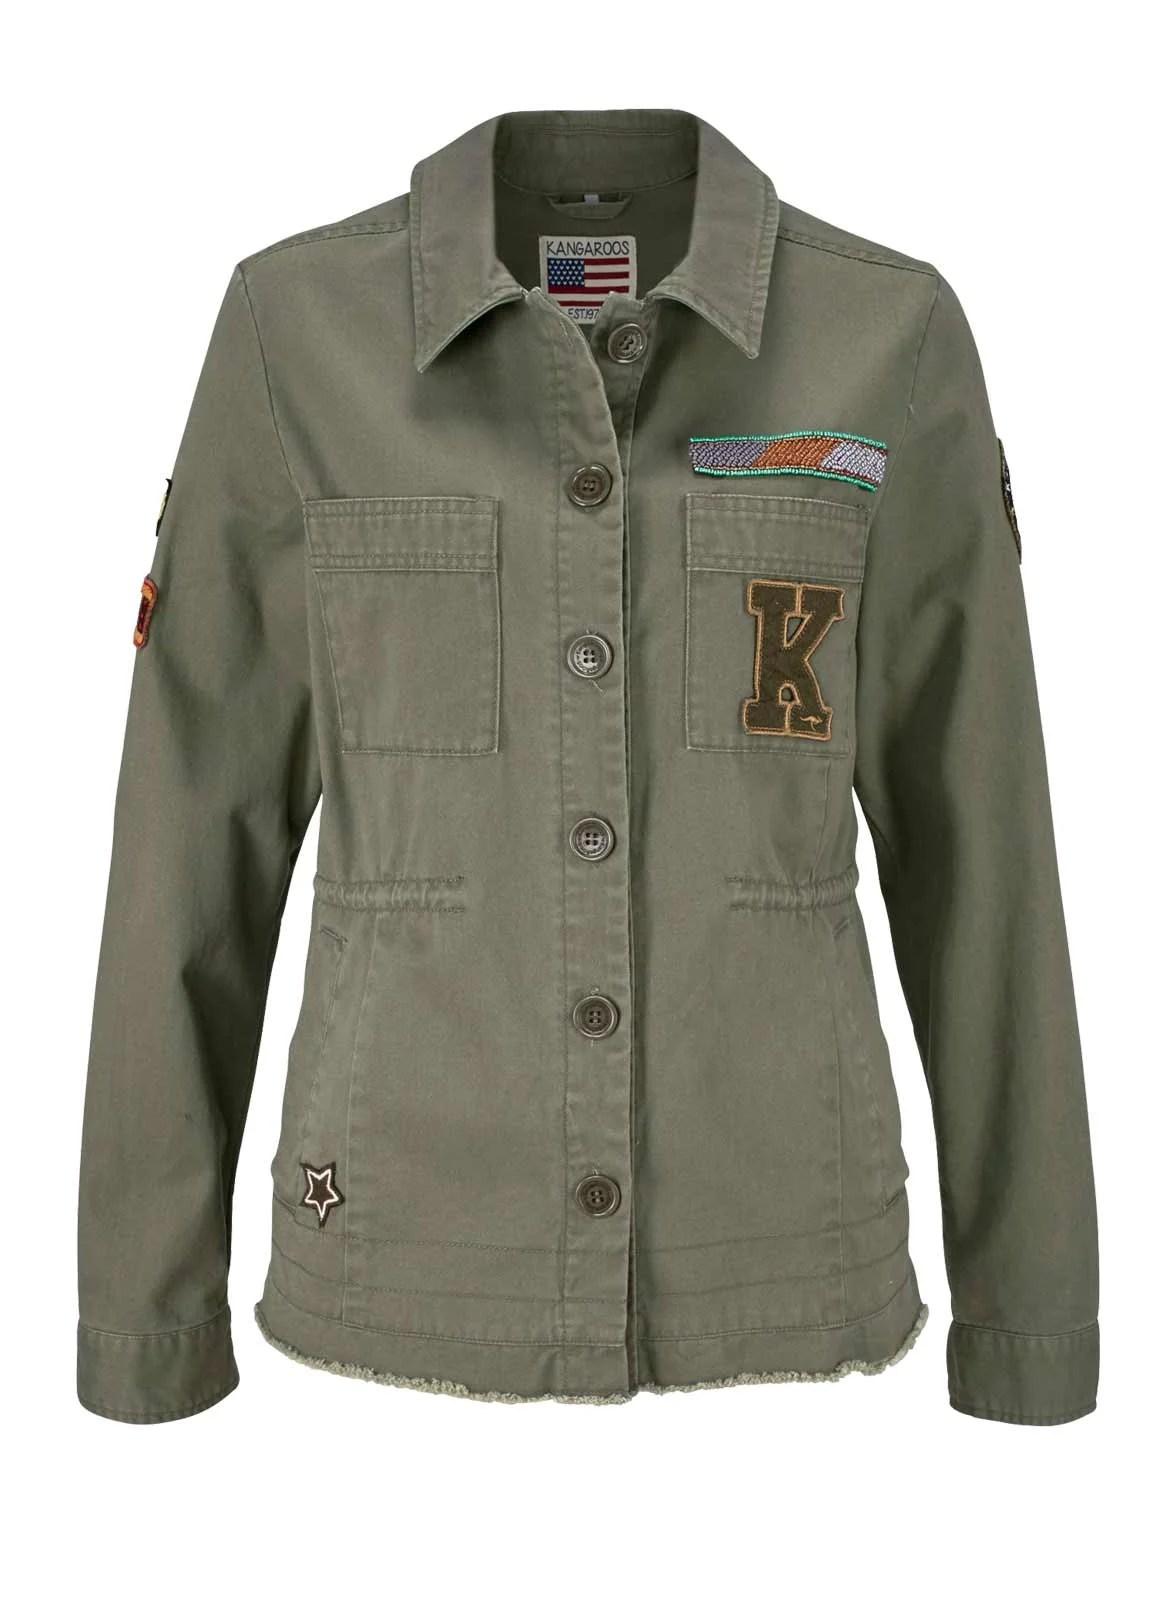 632.057 KangaROOS Damen-Jacke Military-Style-Jacke, oliv